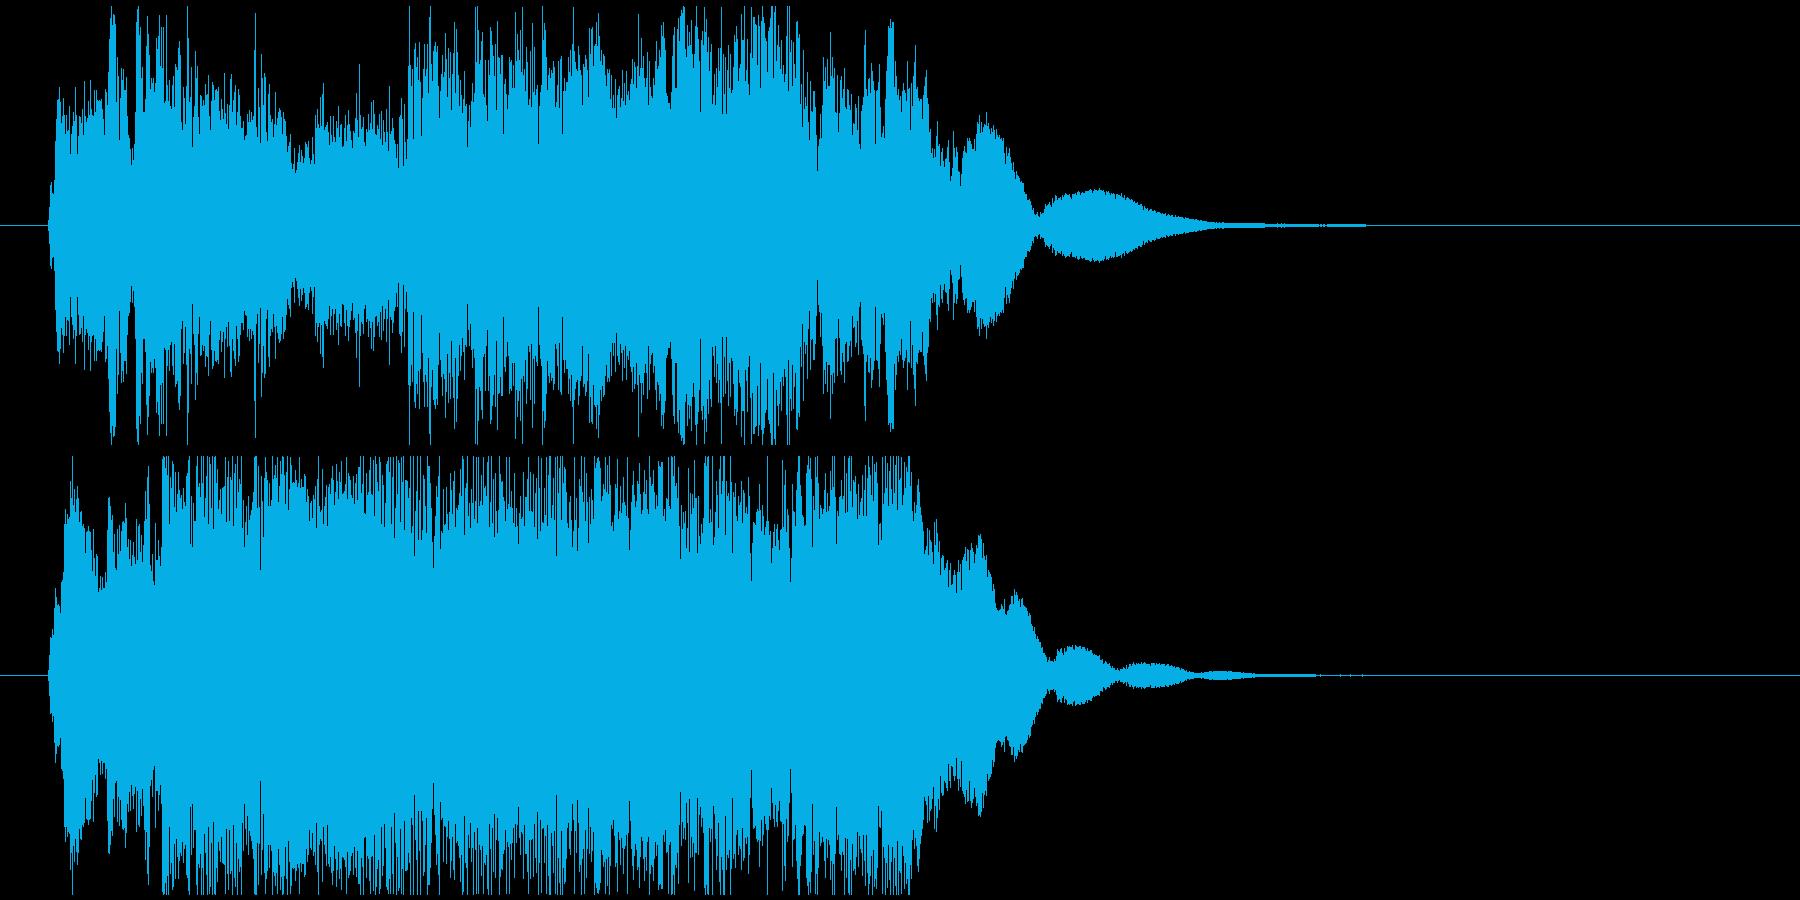 キラキラ登場音 (変身/妖精/魔法系)の再生済みの波形